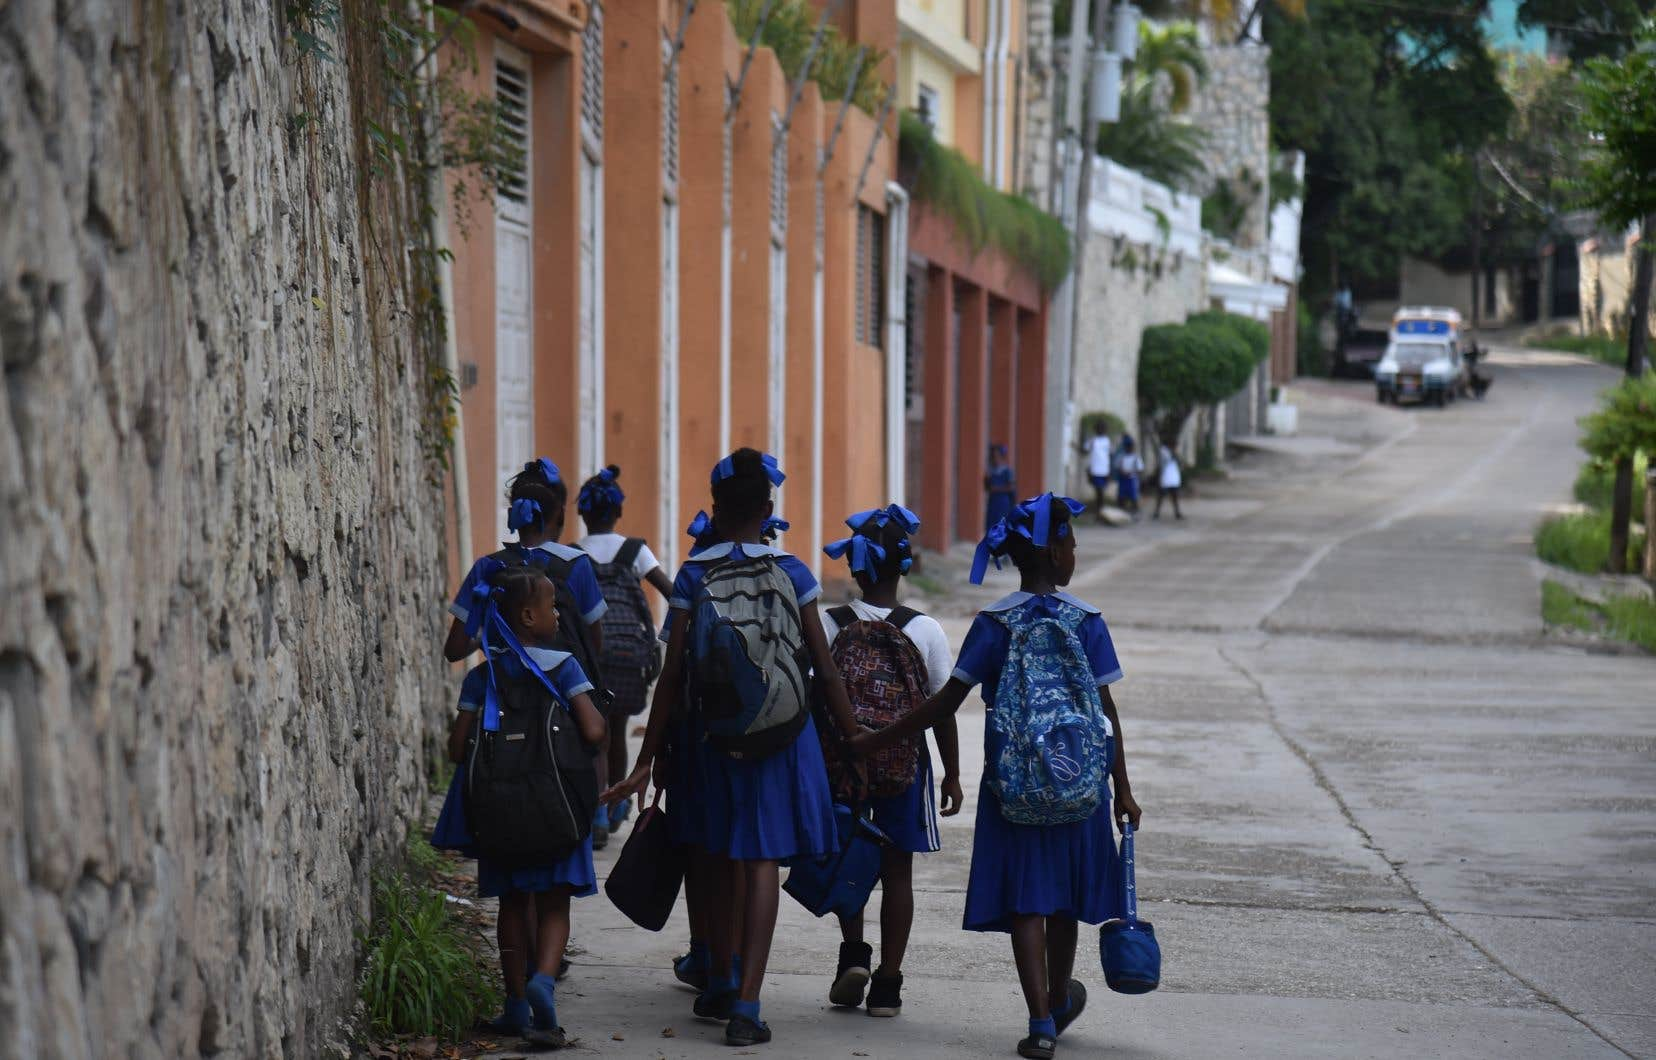 L'école implique une réalité très différente selon le pays où elle se trouve. Par exemple, sais-tu dans quelle partie du monde se trouve plus de la moitié des enfants qui ne vont pas à l'école?